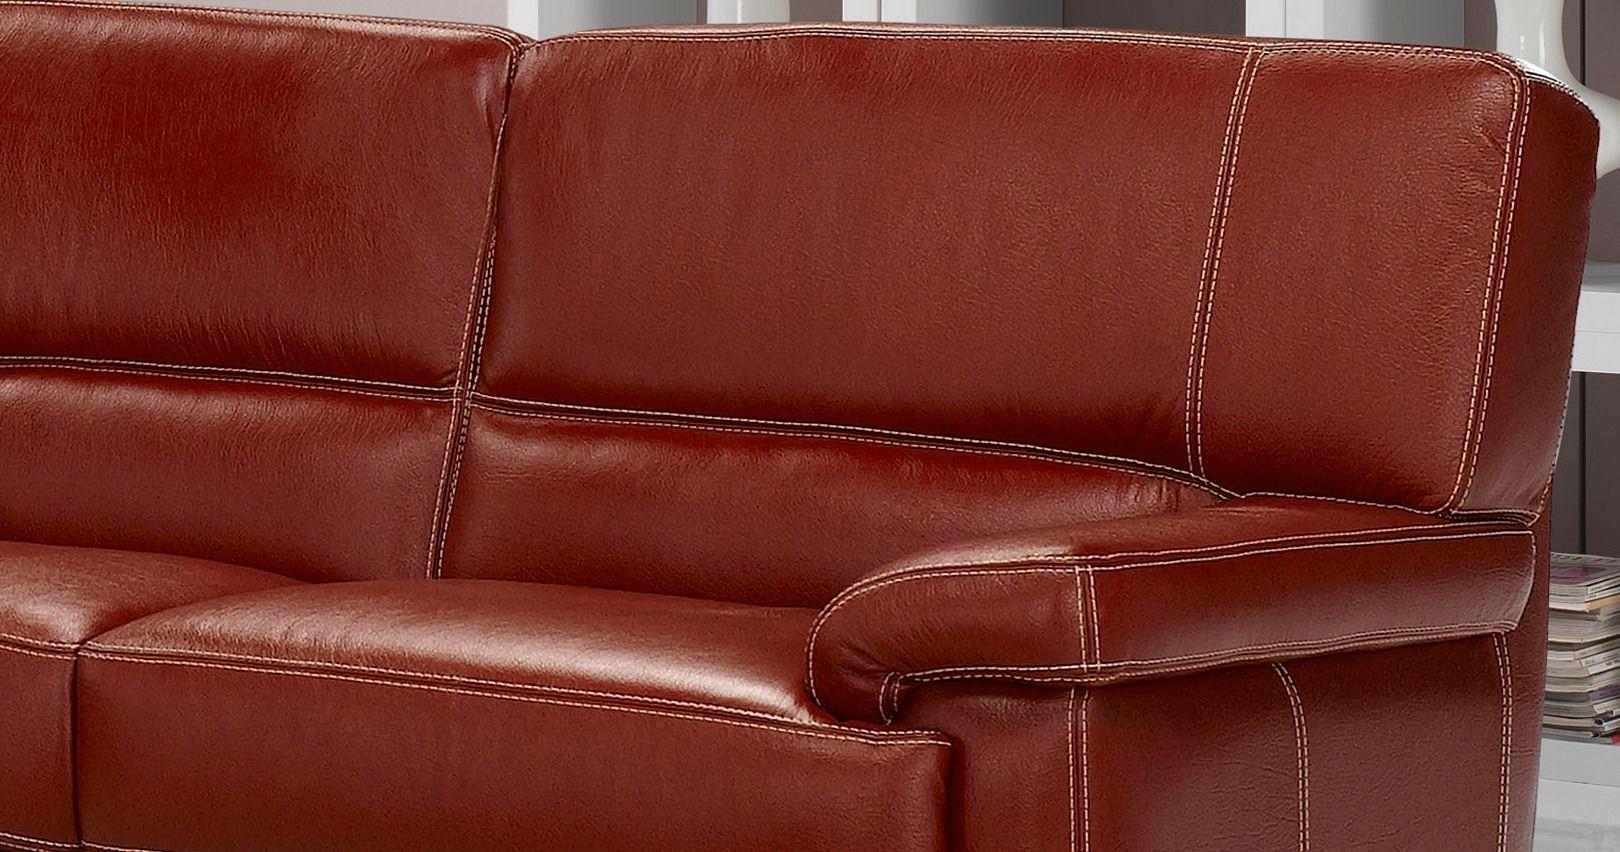 arezzo canap cuir buffle ou vachette personnalisable sur univers du cuir. Black Bedroom Furniture Sets. Home Design Ideas